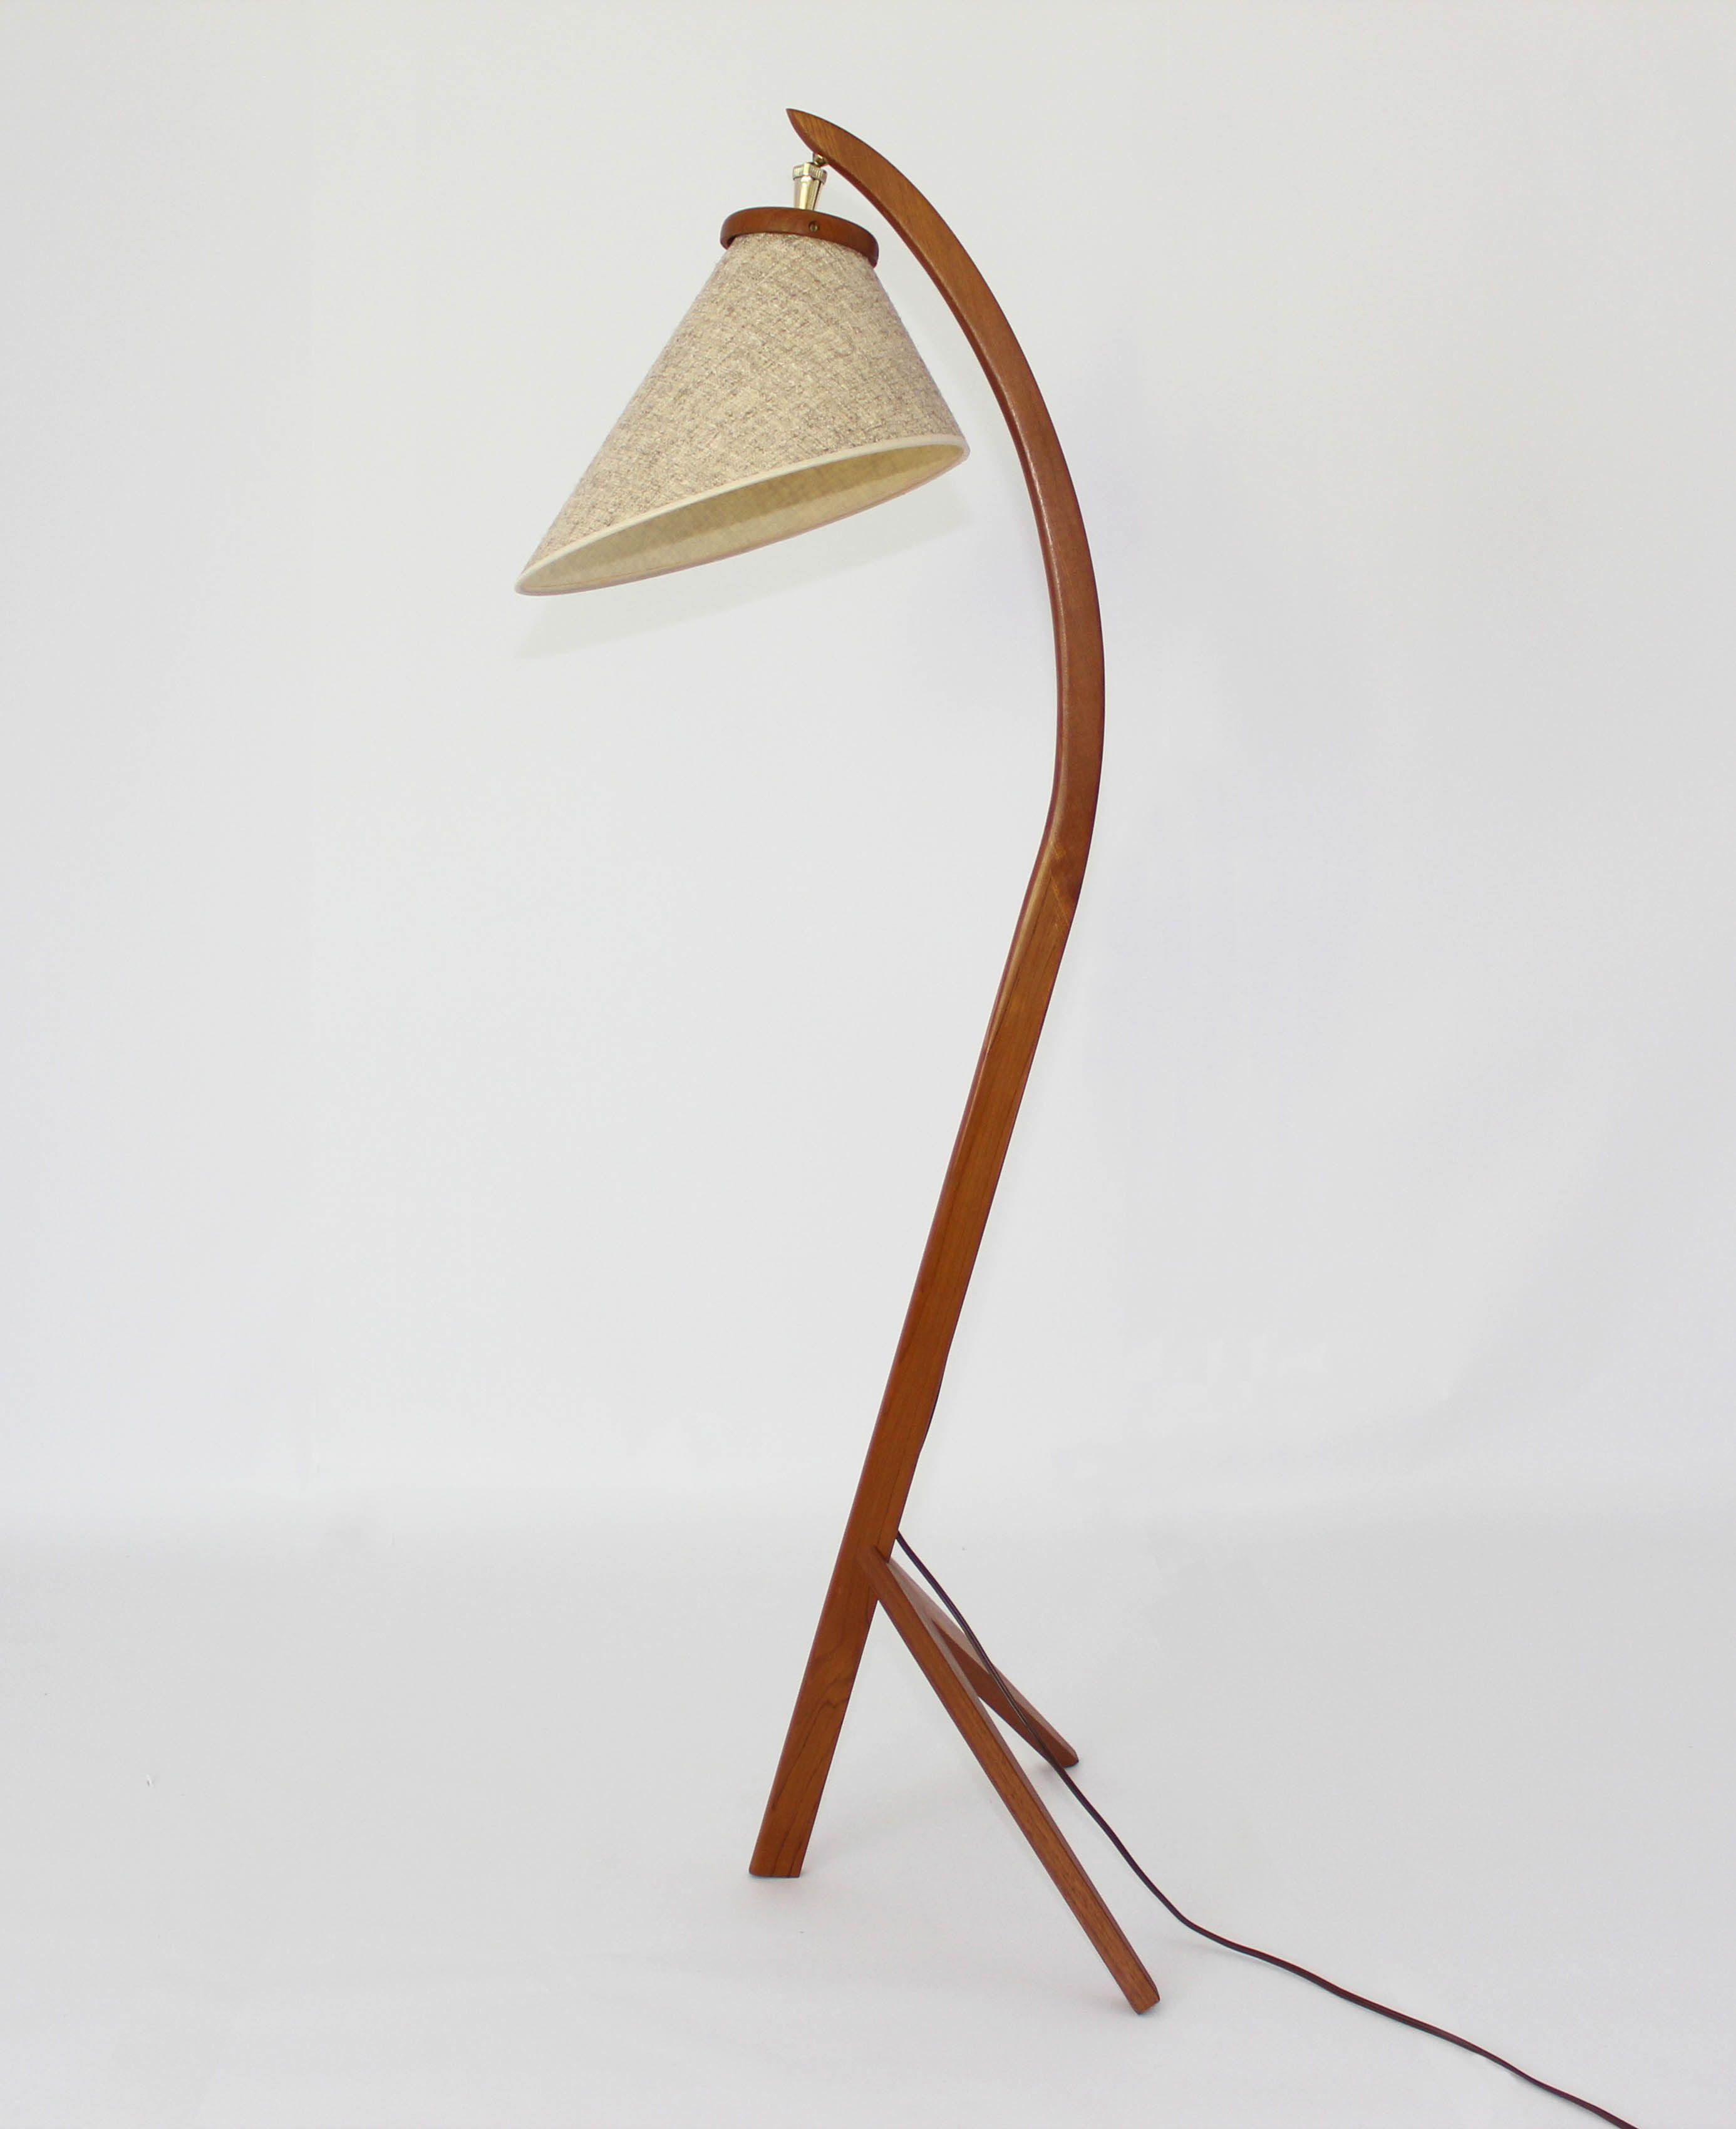 Retro Mid Century Danish Teak Bow Lamp In 2020 Mid Century Floor Lamps Mid Century Modern Floor Lamps Modern Floor Lamps